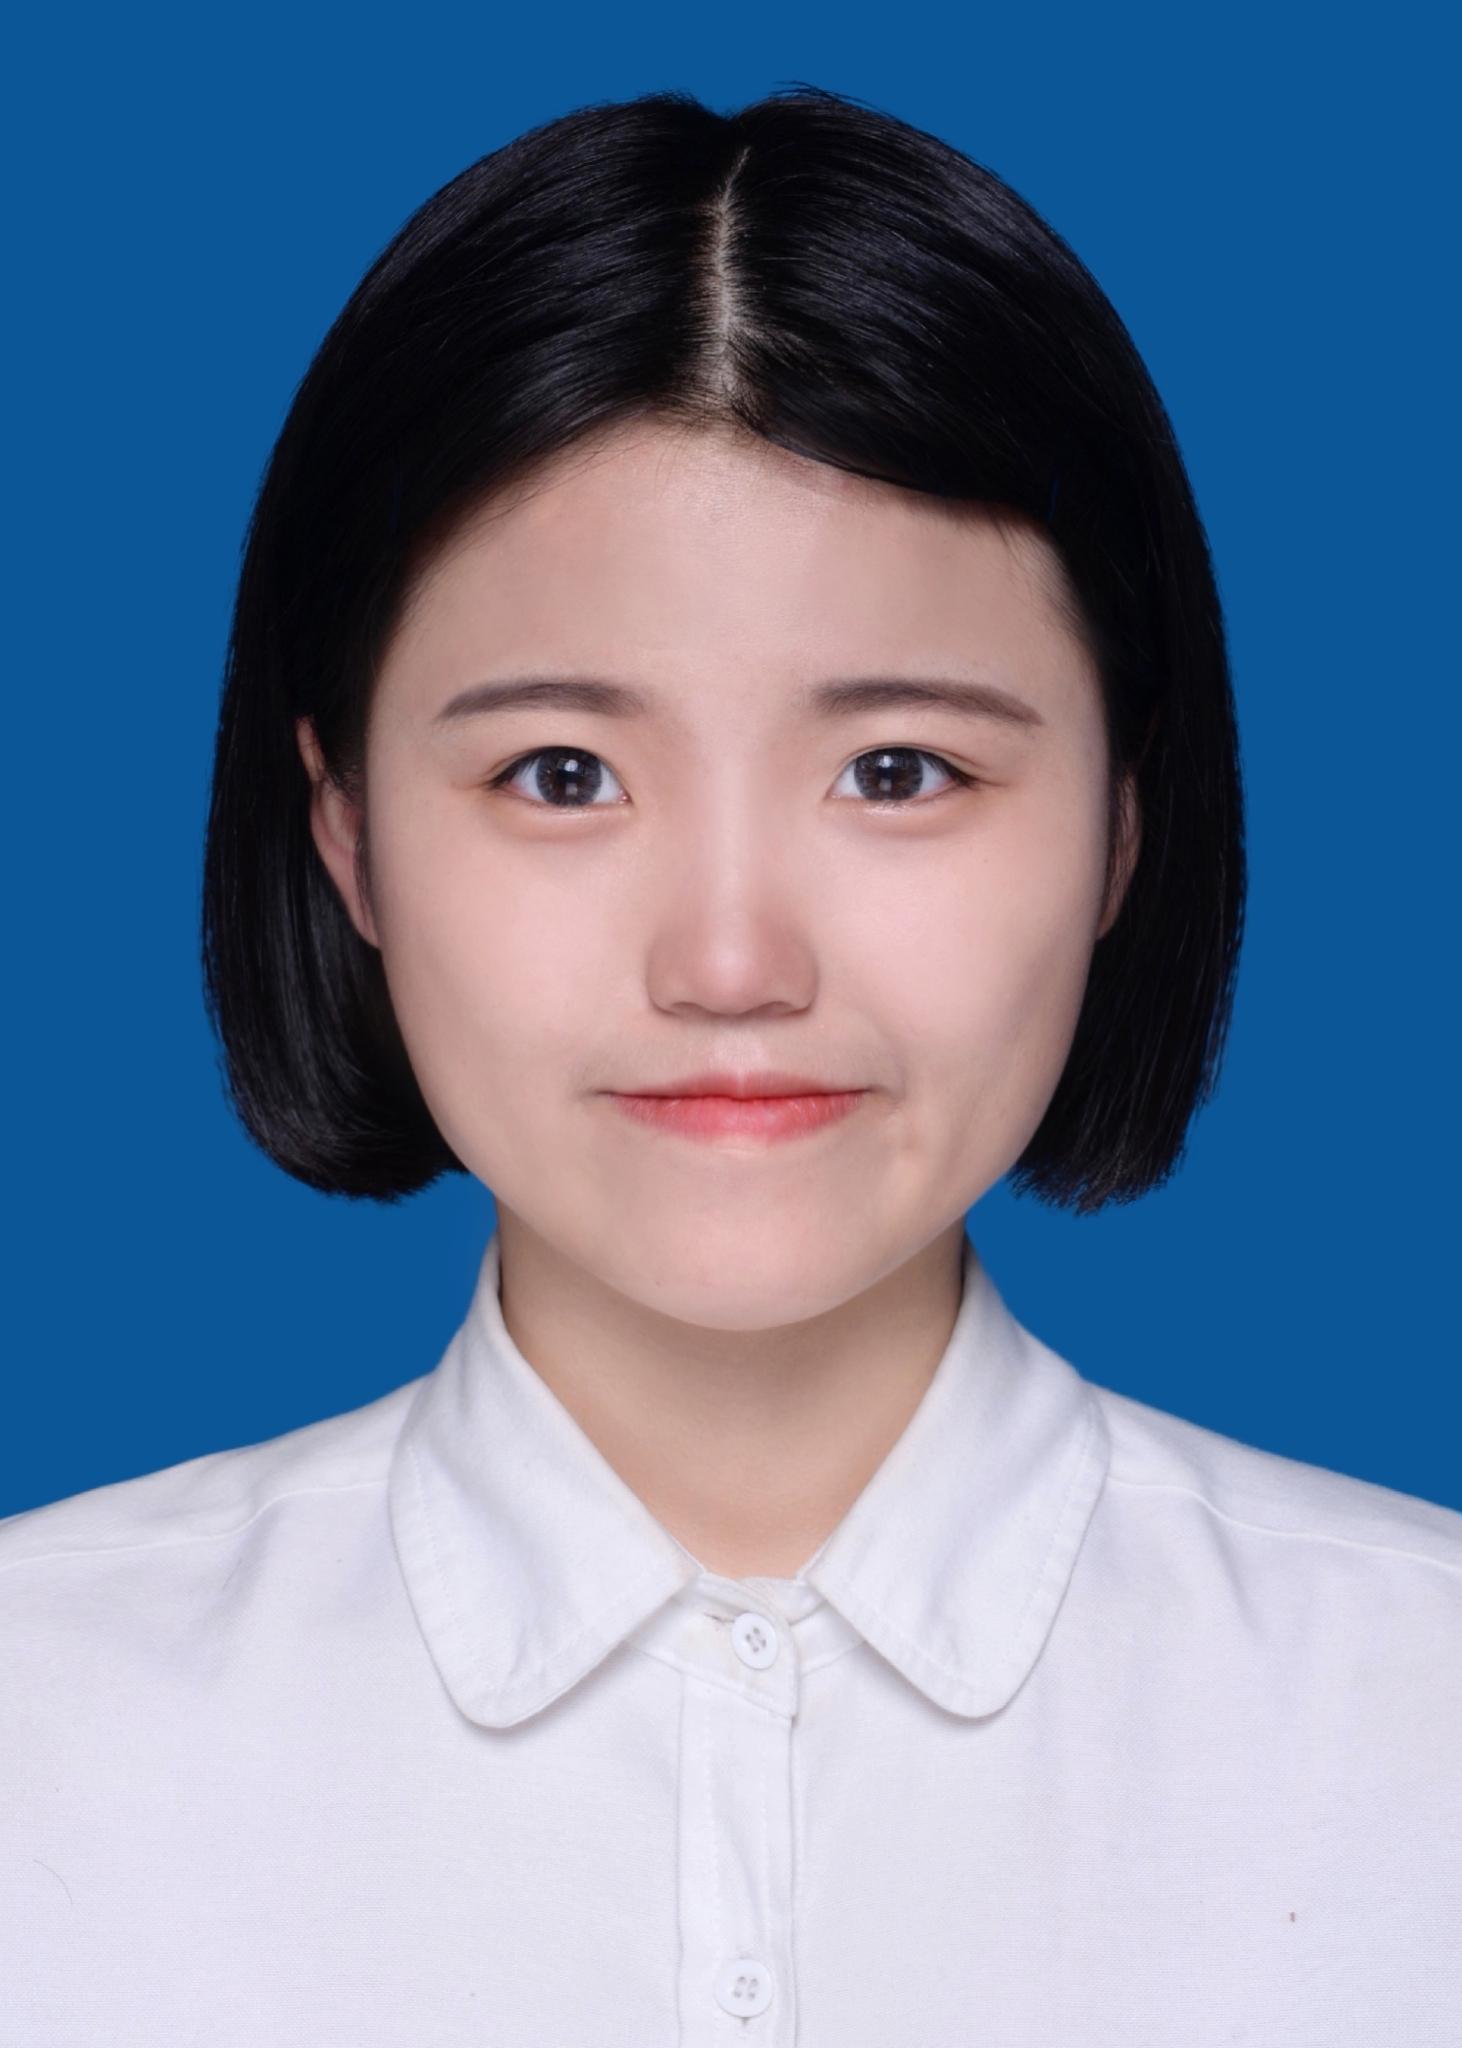 杭州家教郑教员